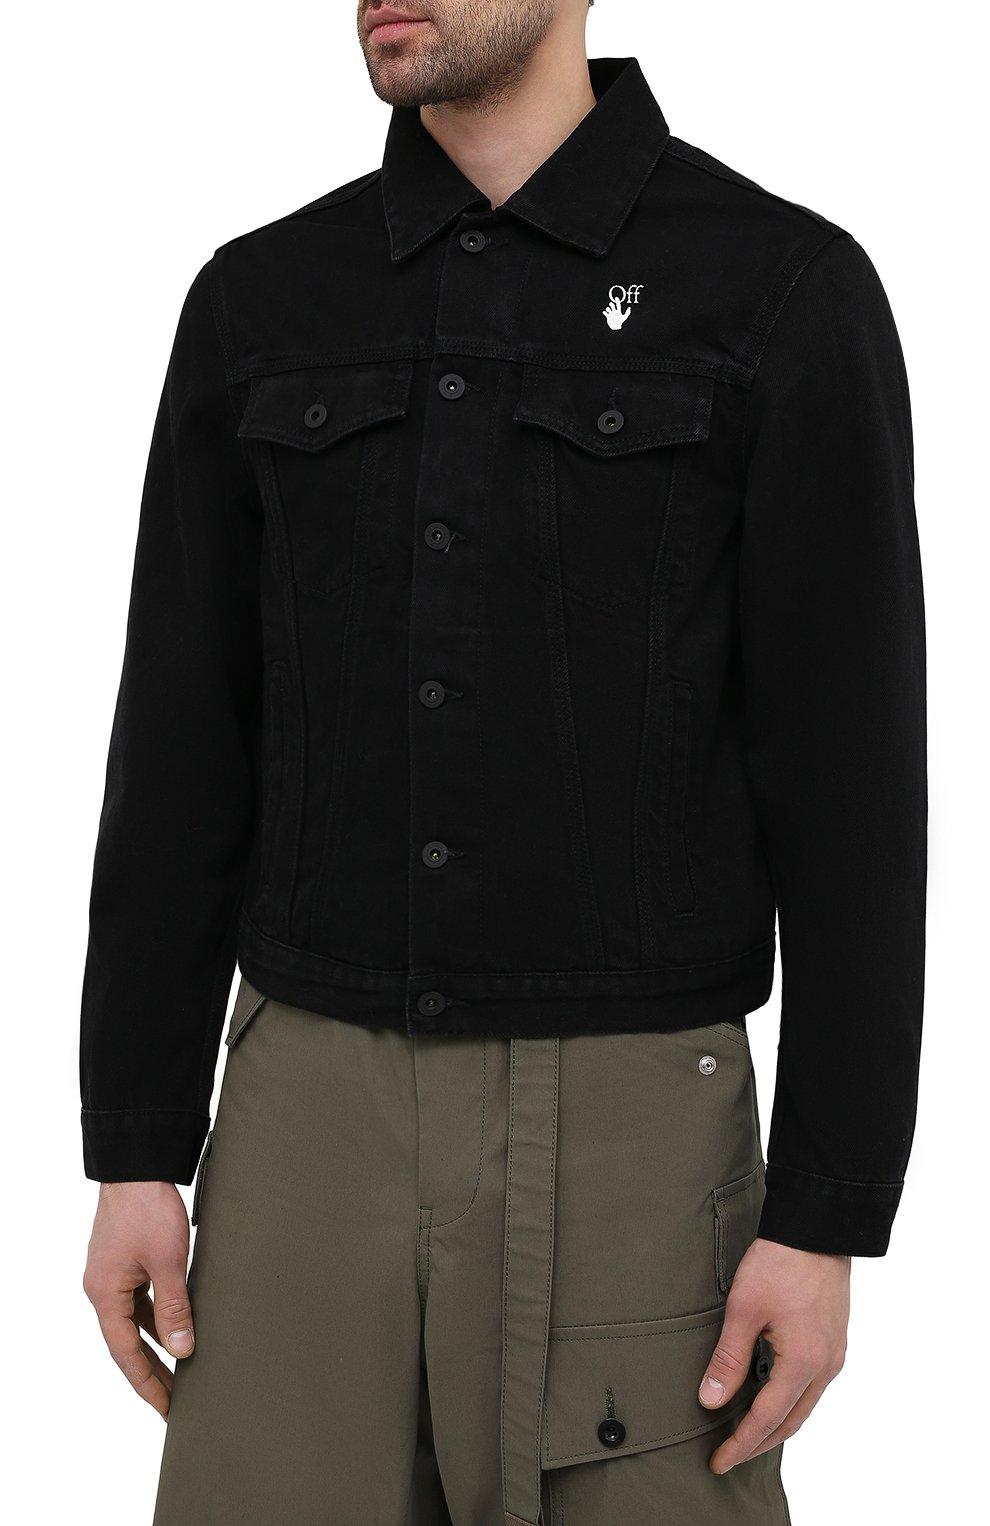 Мужская джинсовая куртка OFF-WHITE черного цвета, арт. 0MYE054R21DEN001 | Фото 3 (Кросс-КТ: Куртка, Деним; Рукава: Длинные; Стили: Гранж; Материал внешний: Хлопок, Деним; Длина (верхняя одежда): Короткие)